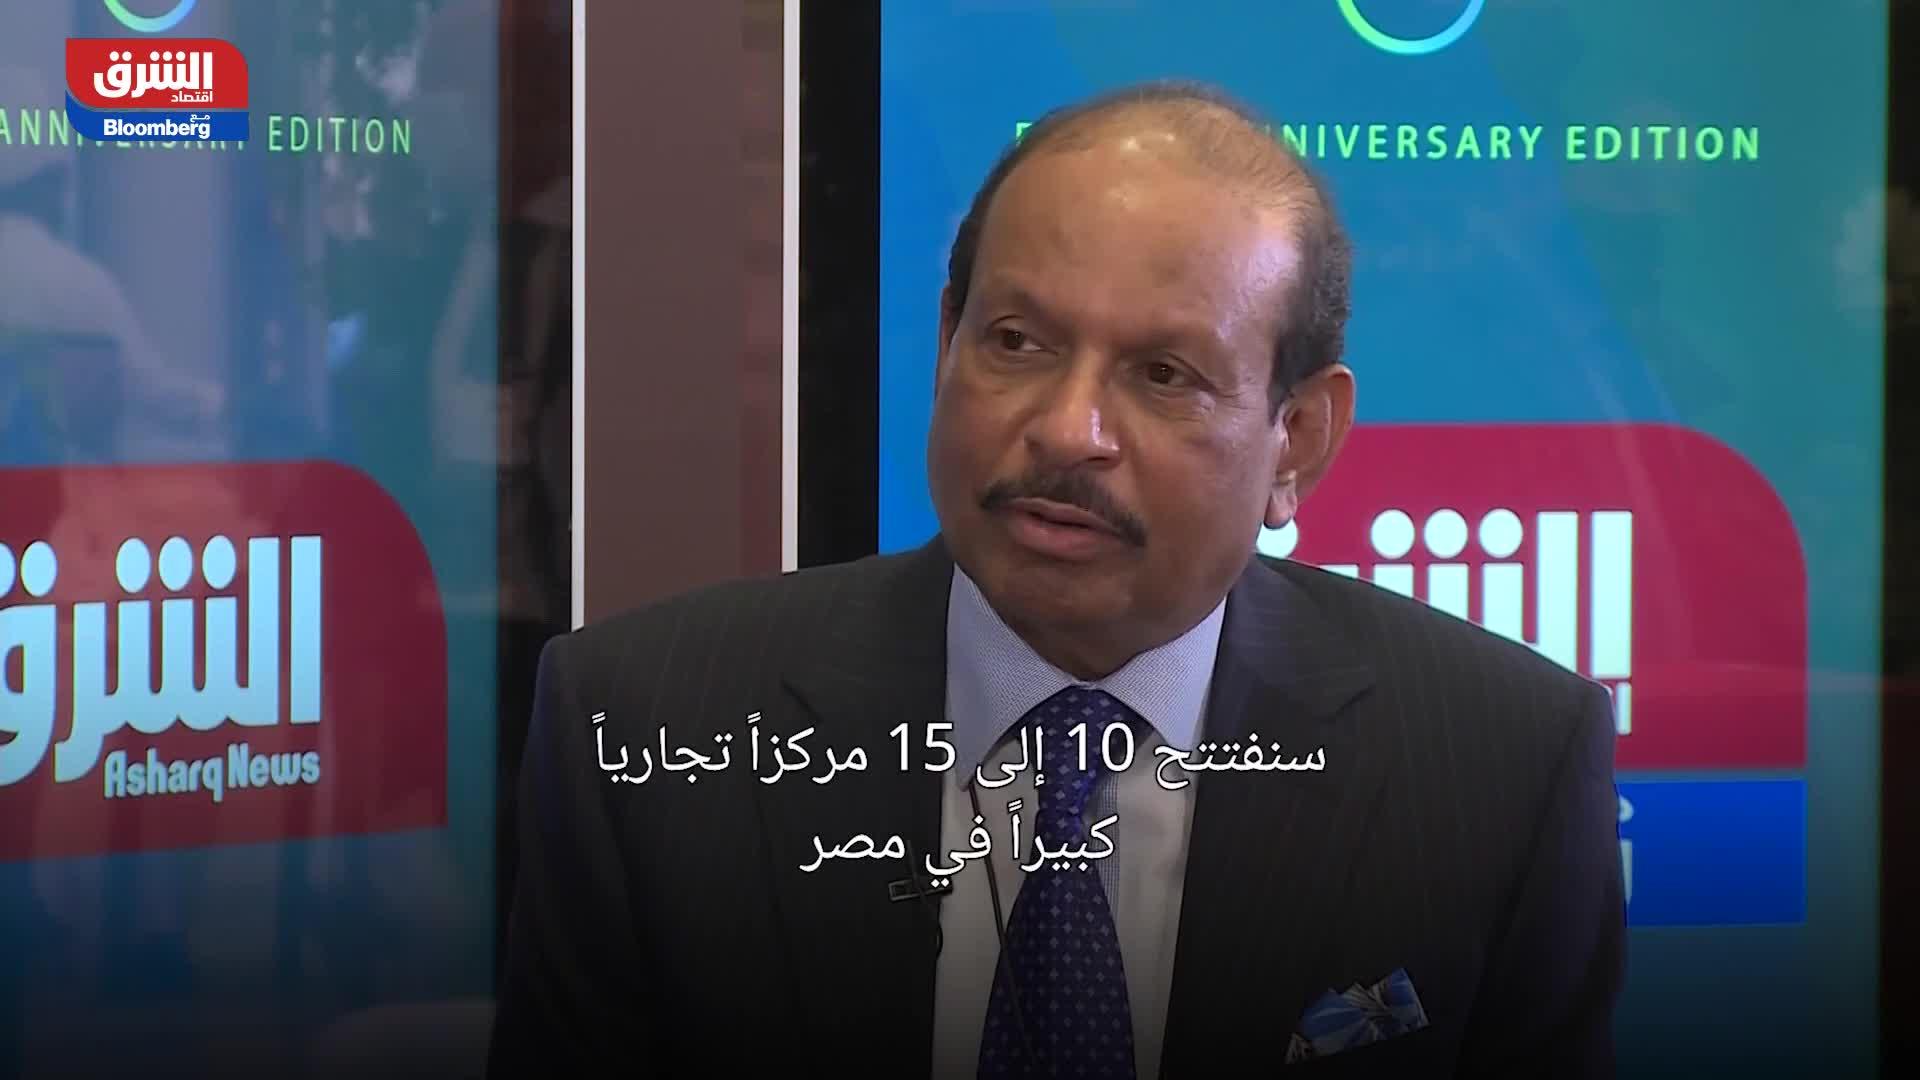 يوسف علي : سنمتلك 25 فرعًا في السعودية خلال عامين